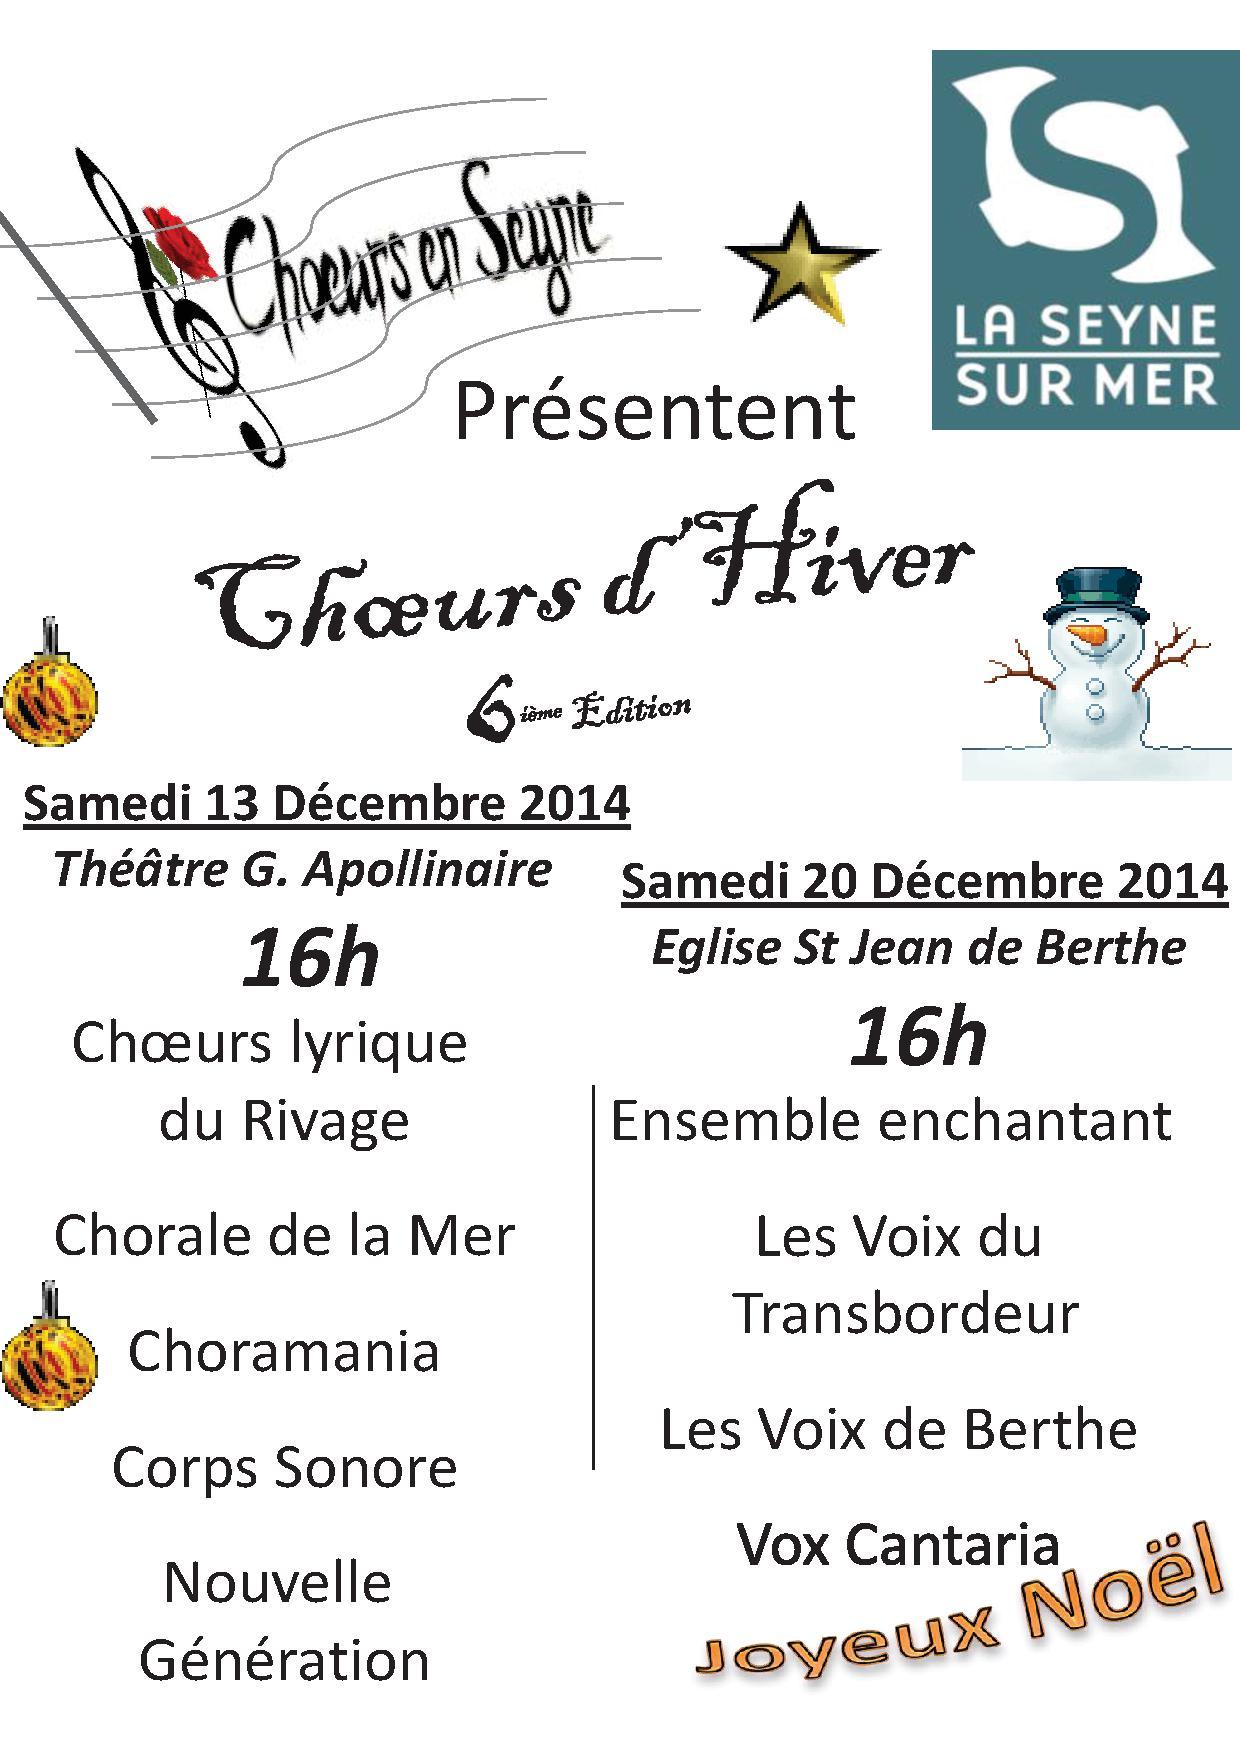 20141213 Affiche du Concert du 13 décembre 2014